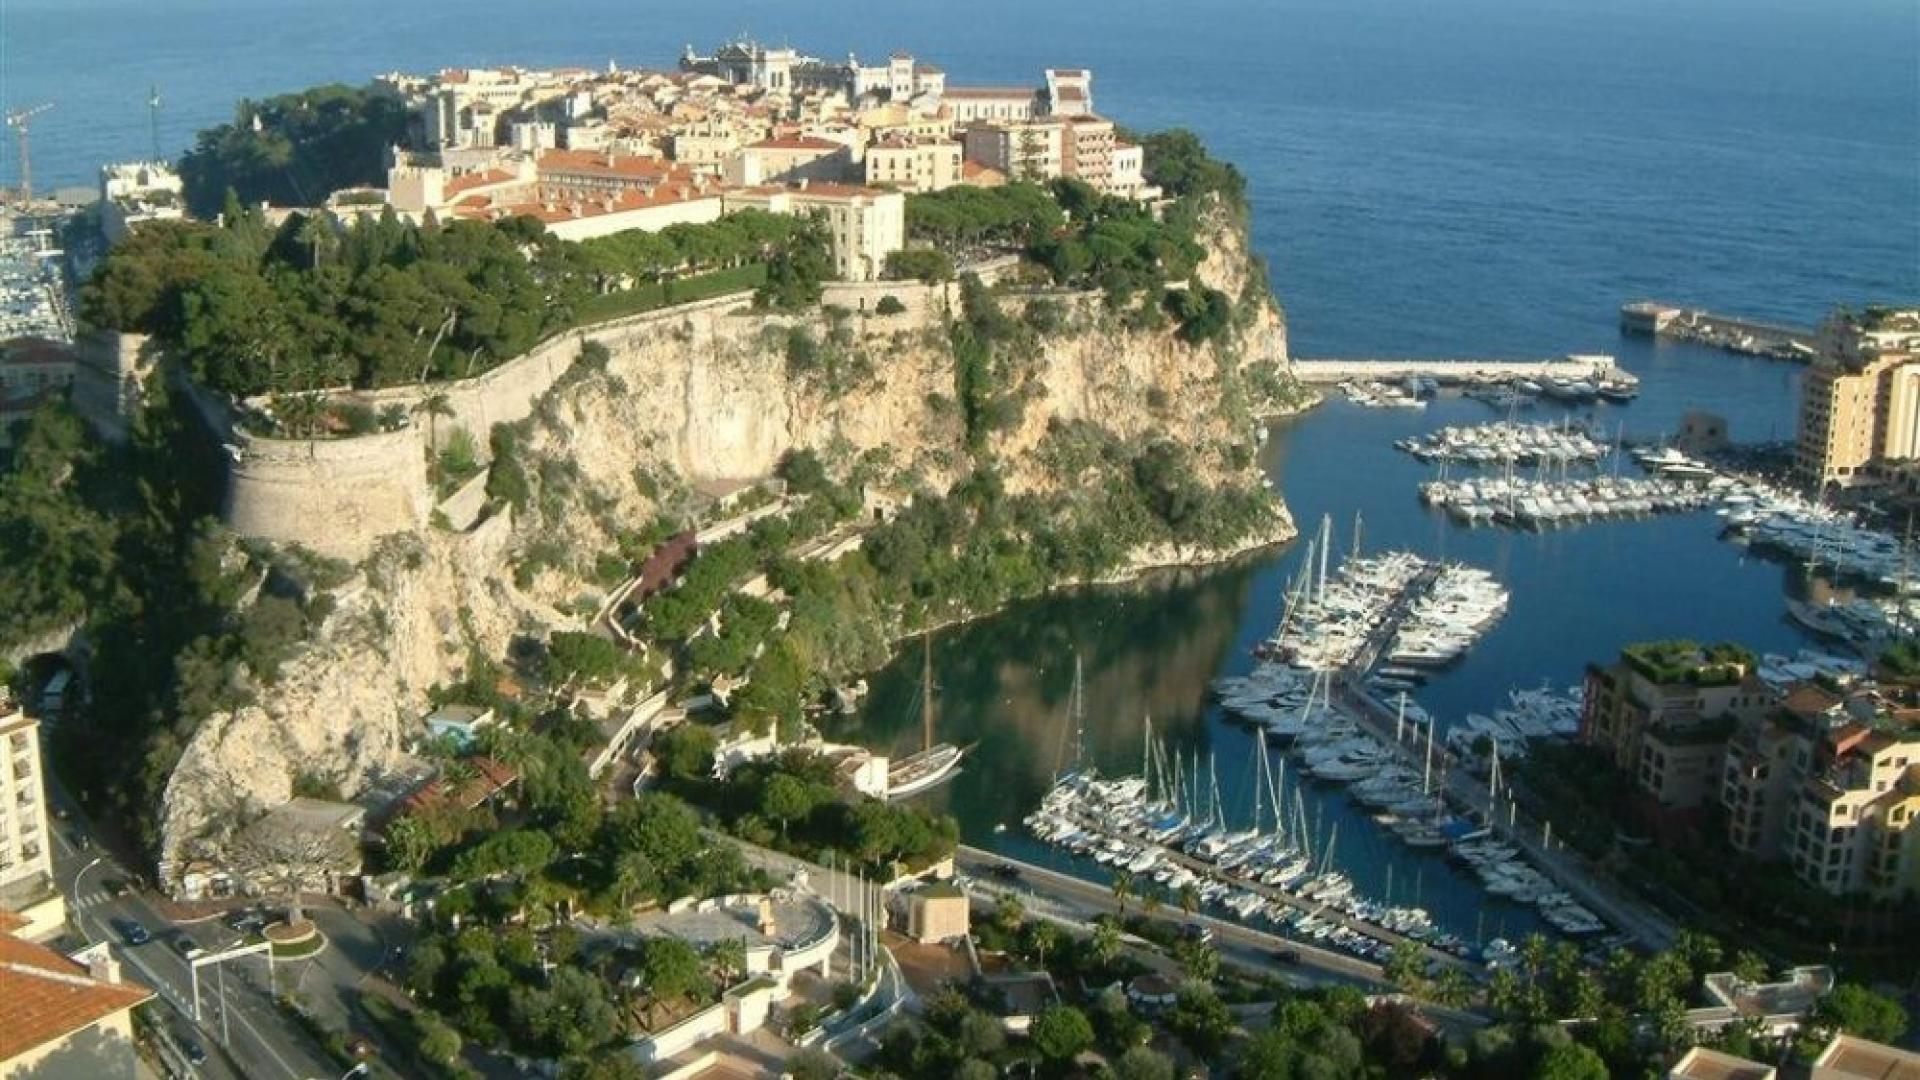 Côte d'Azur - Cannes, Nice, Monte Carlo